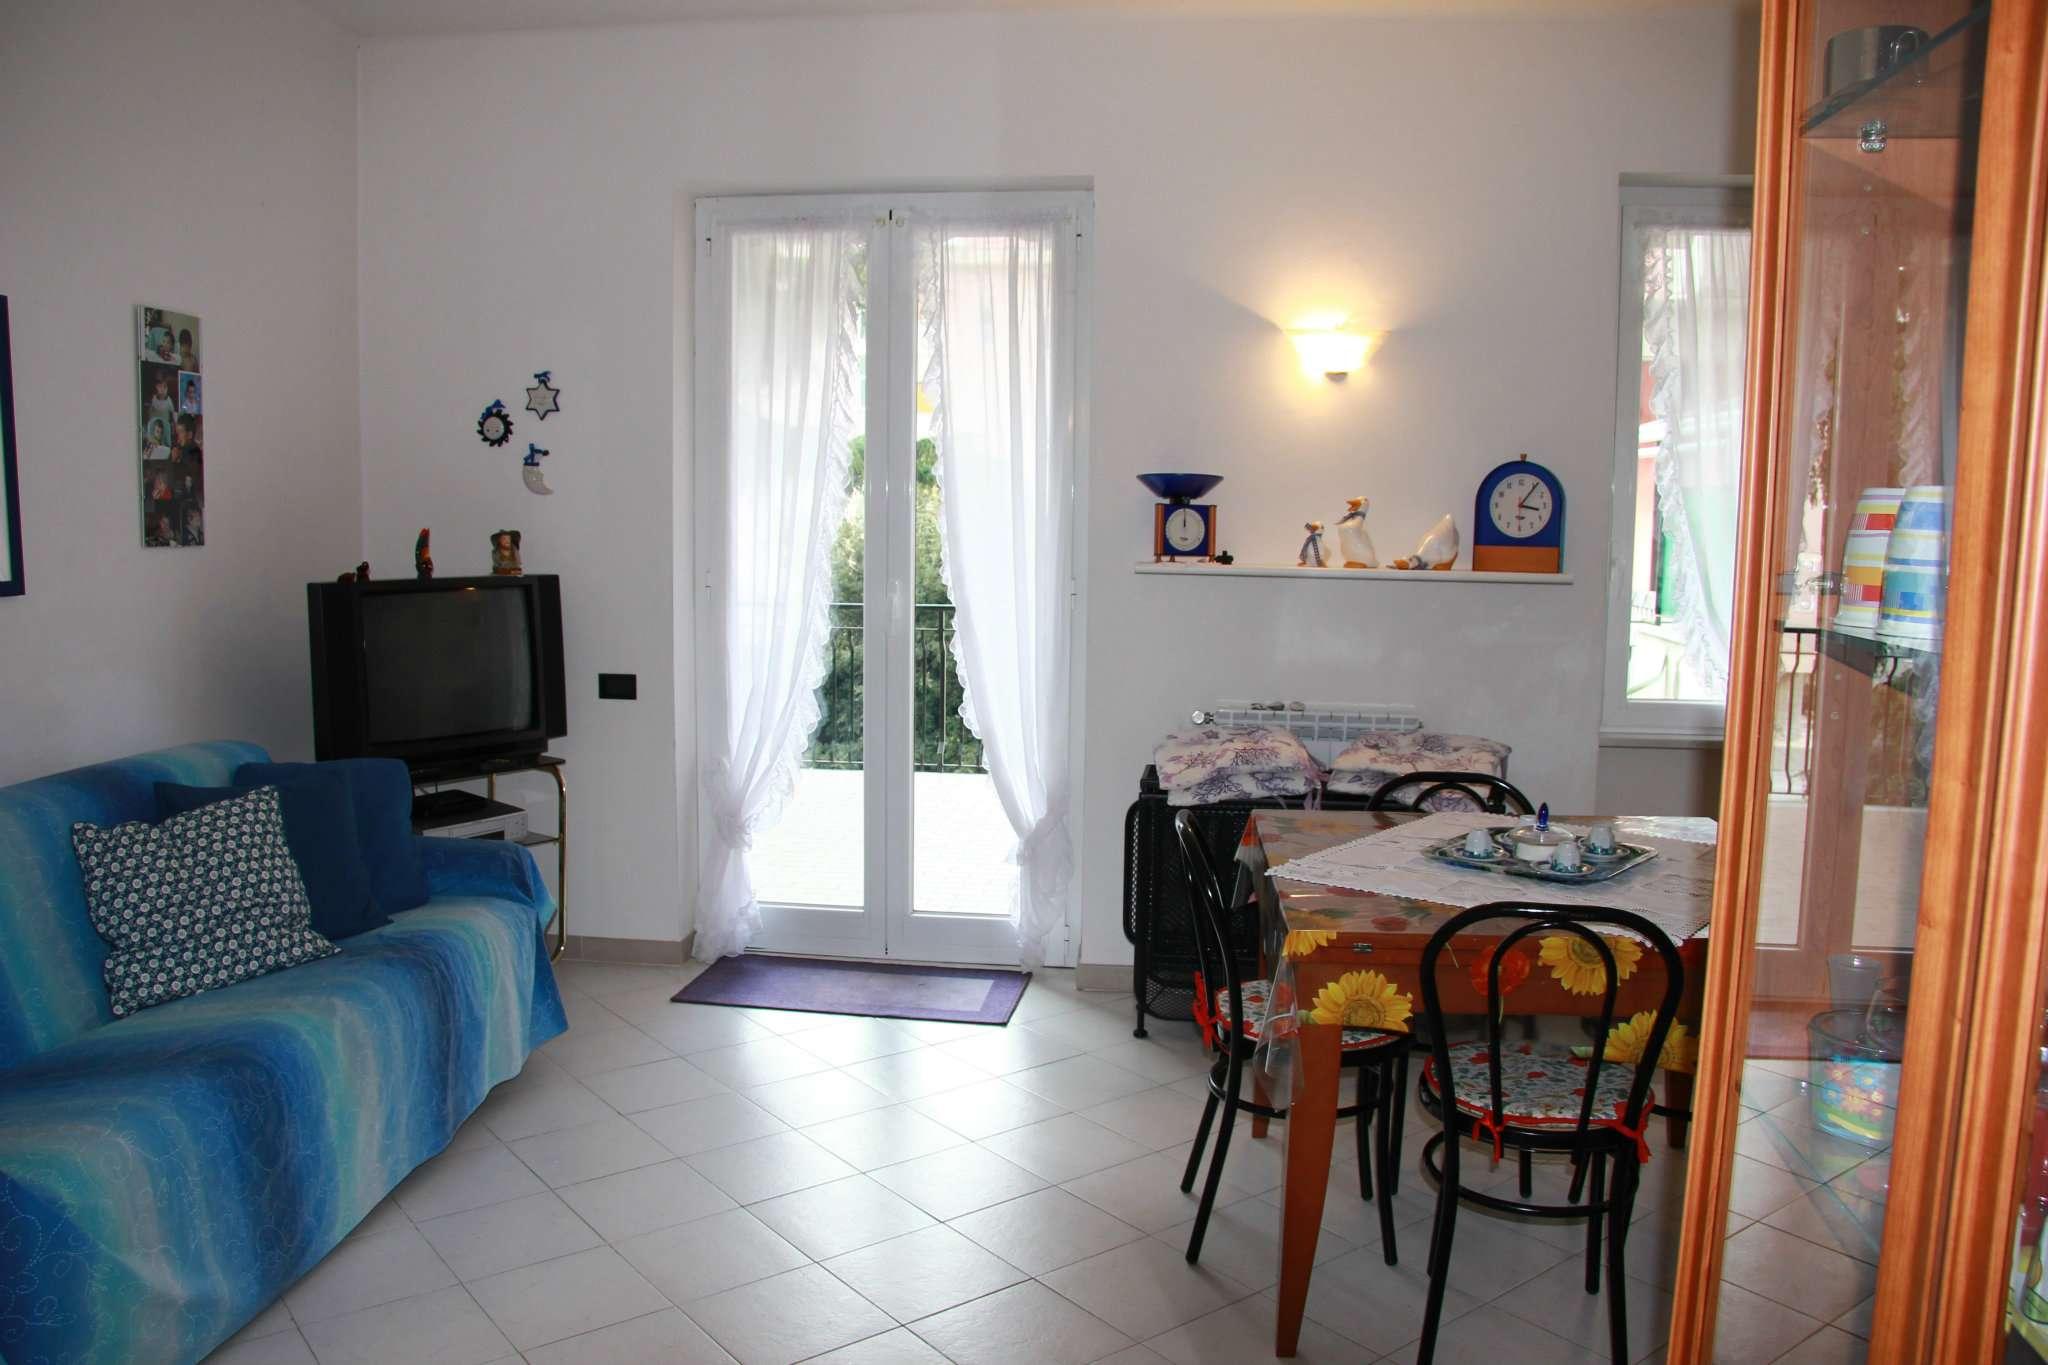 Appartamento in vendita a Deiva Marina, 3 locali, prezzo € 275.000 | CambioCasa.it